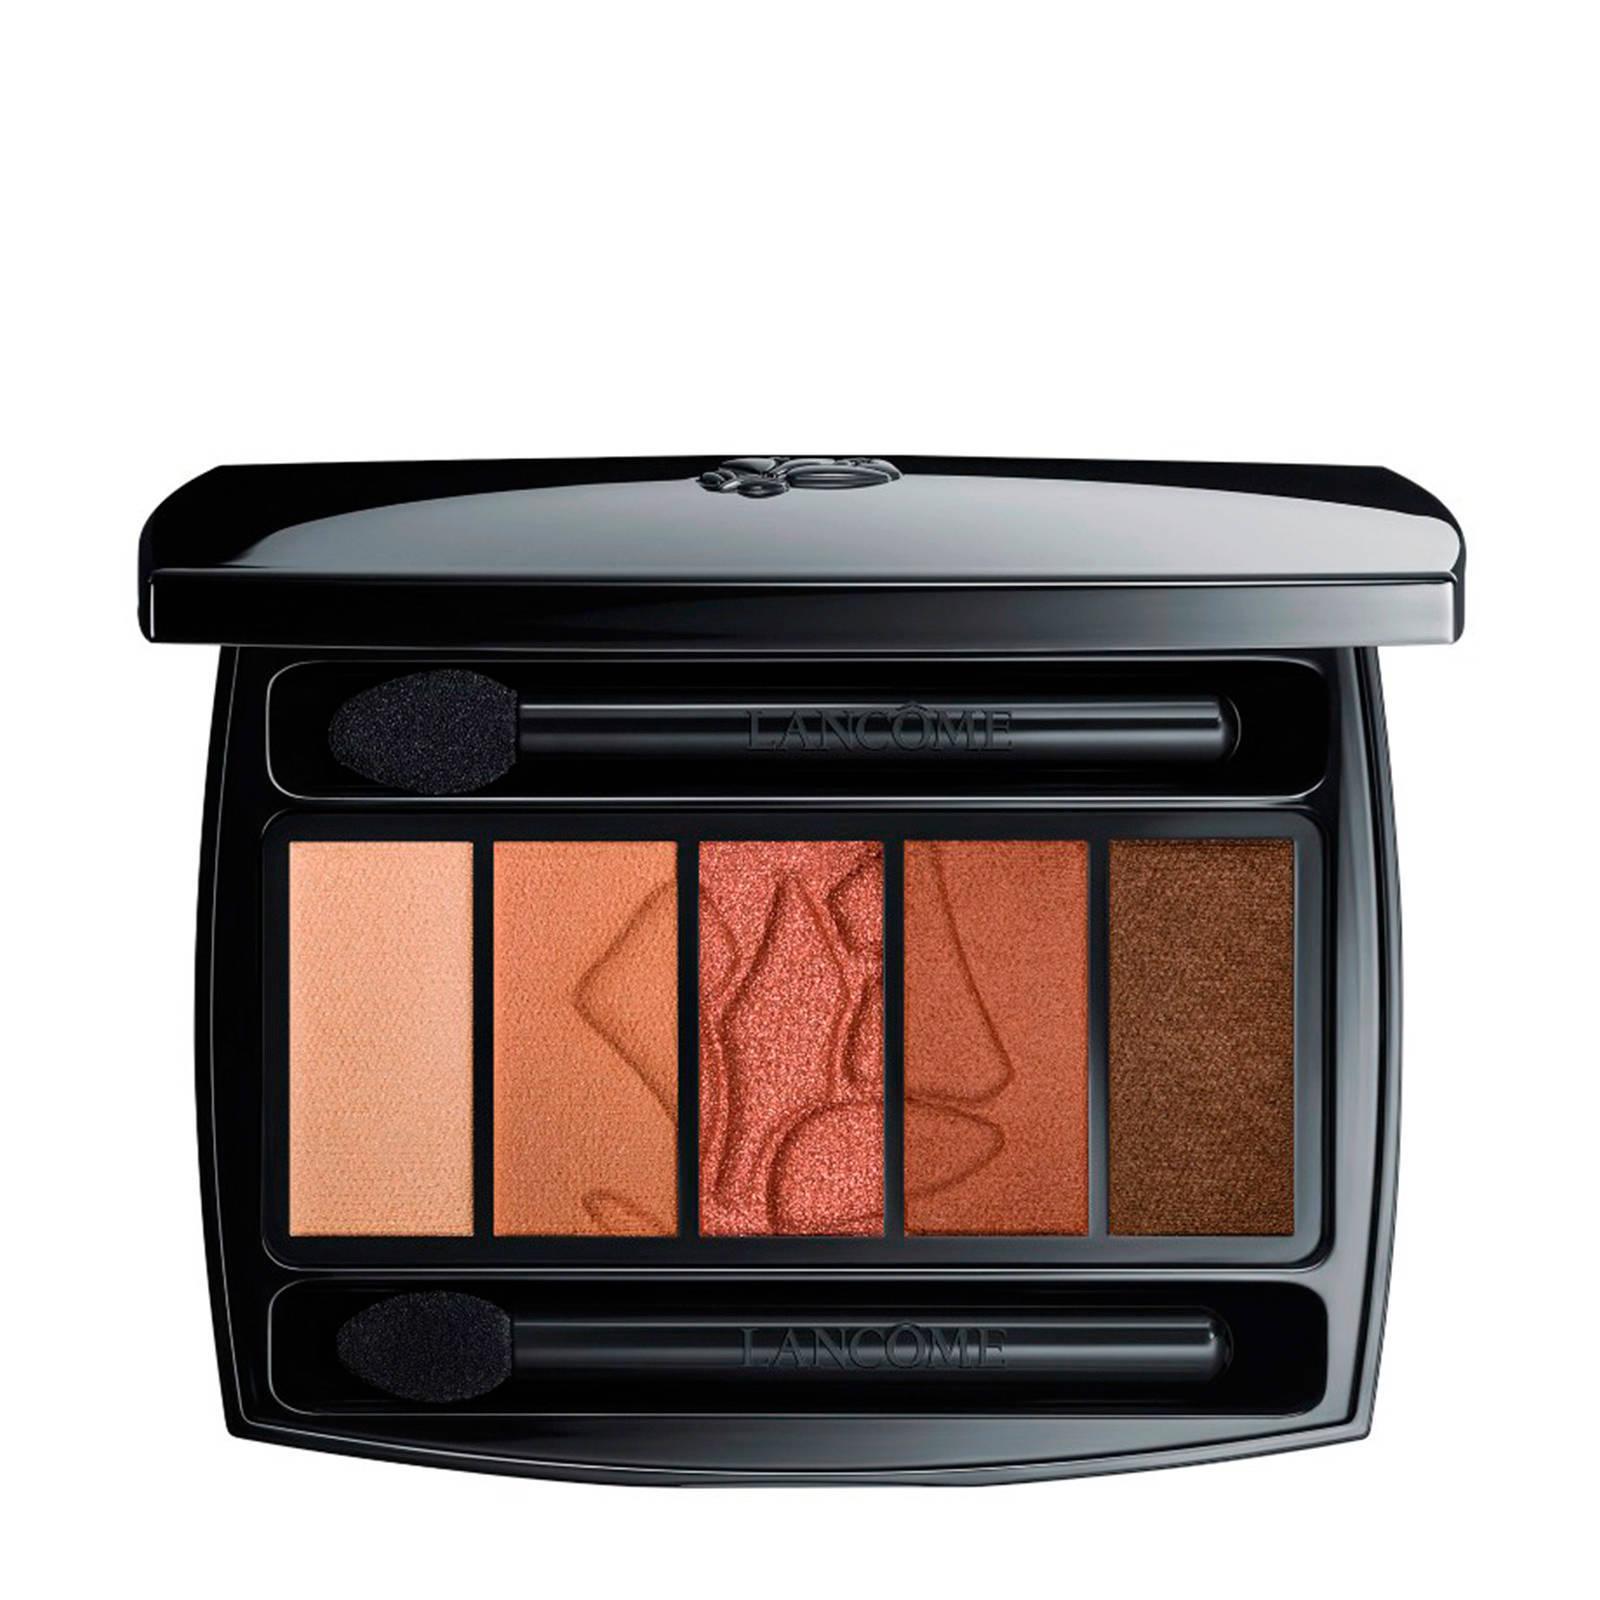 Hoge kortingen op make-up en verzorgingsproducten @ Wehkamp